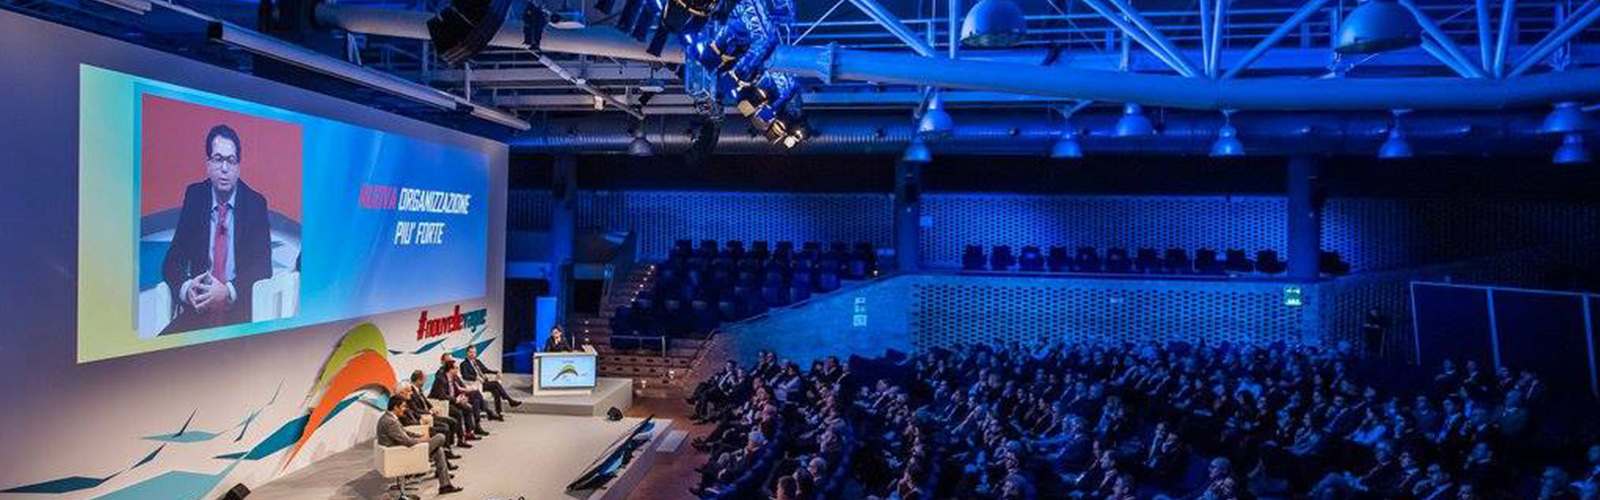 Konzerte und OpenAir-Events